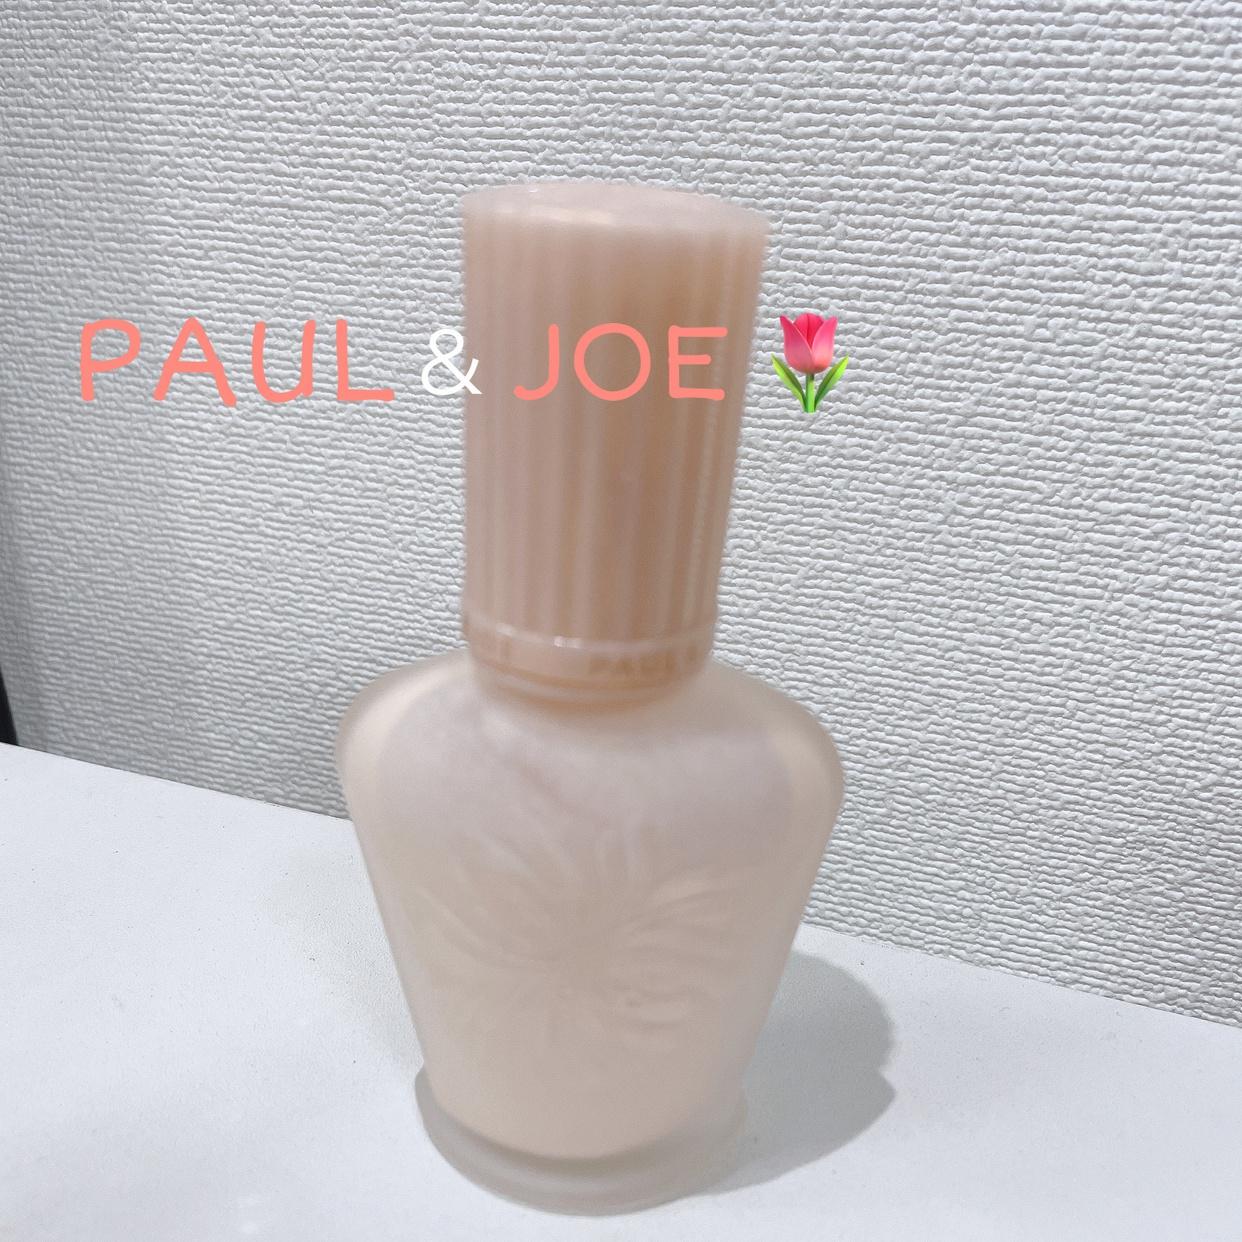 PAUL & JOE BEAUTE(ポールアンドジョー ボーテ) モイスチュアライジング ファンデーション プライマー Sを使ったゆっちんさんのクチコミ画像1